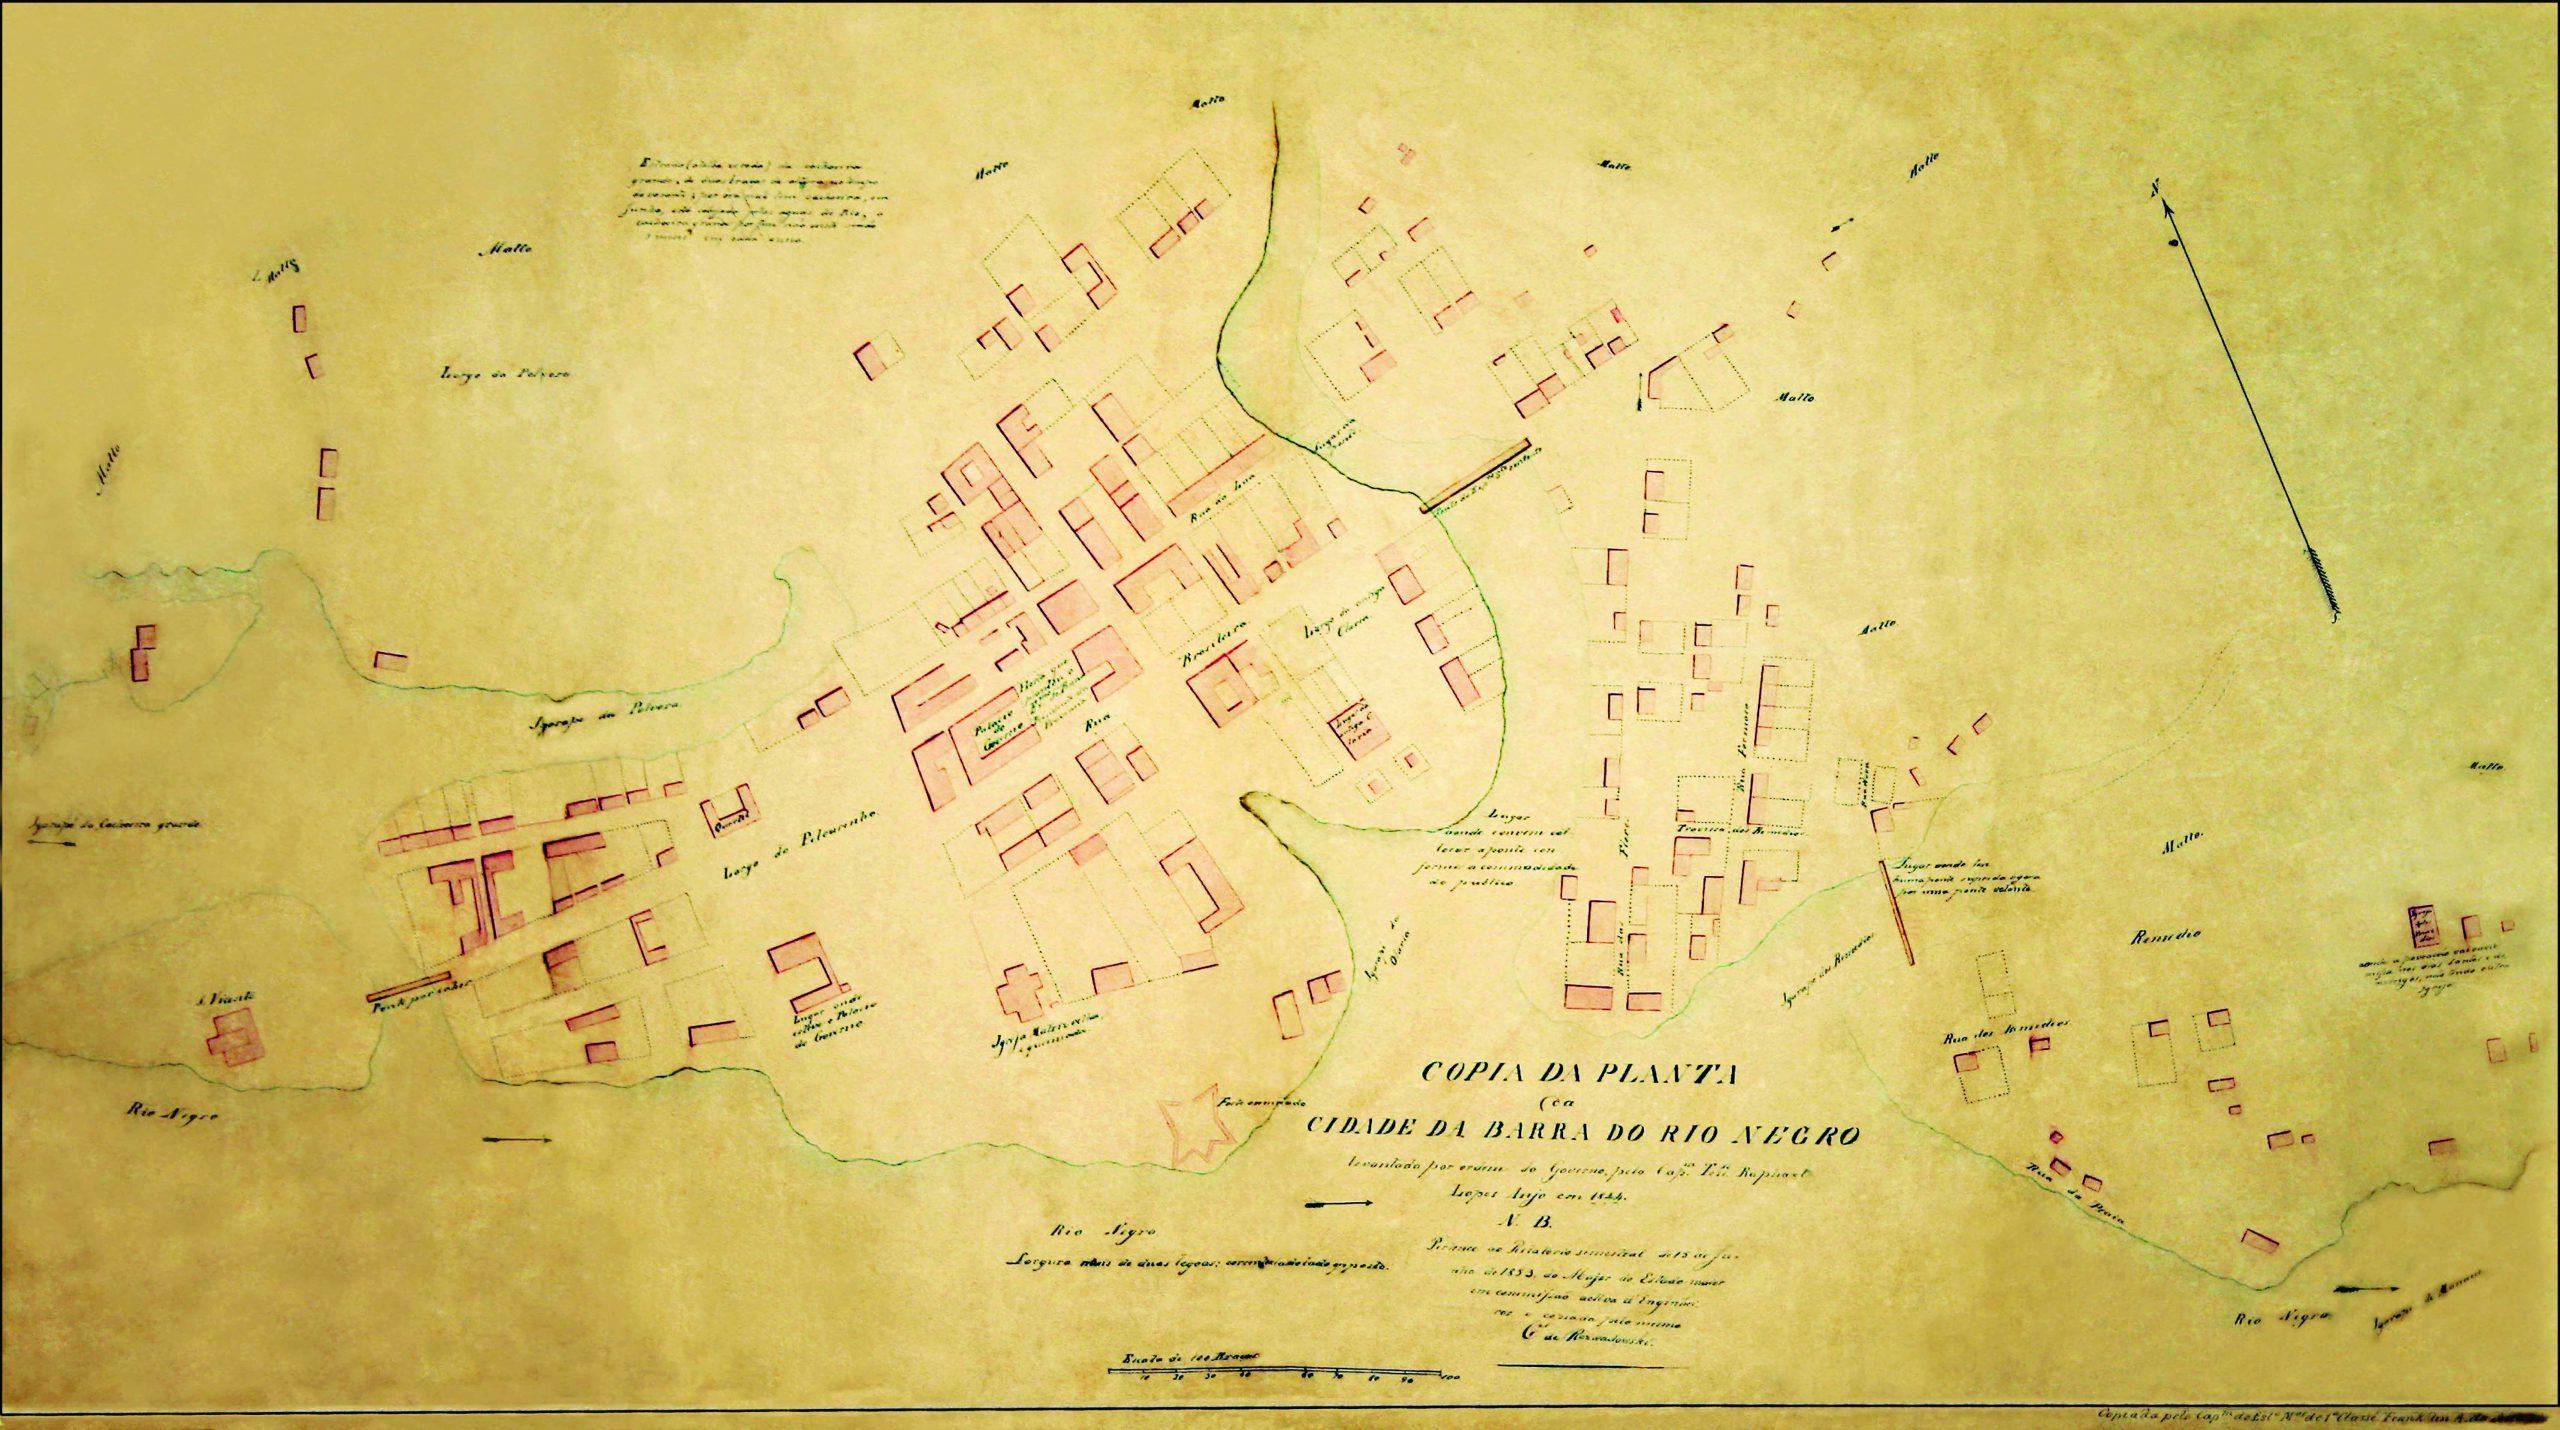 Planta da Cidade da Barra do Rio Negro em 1844